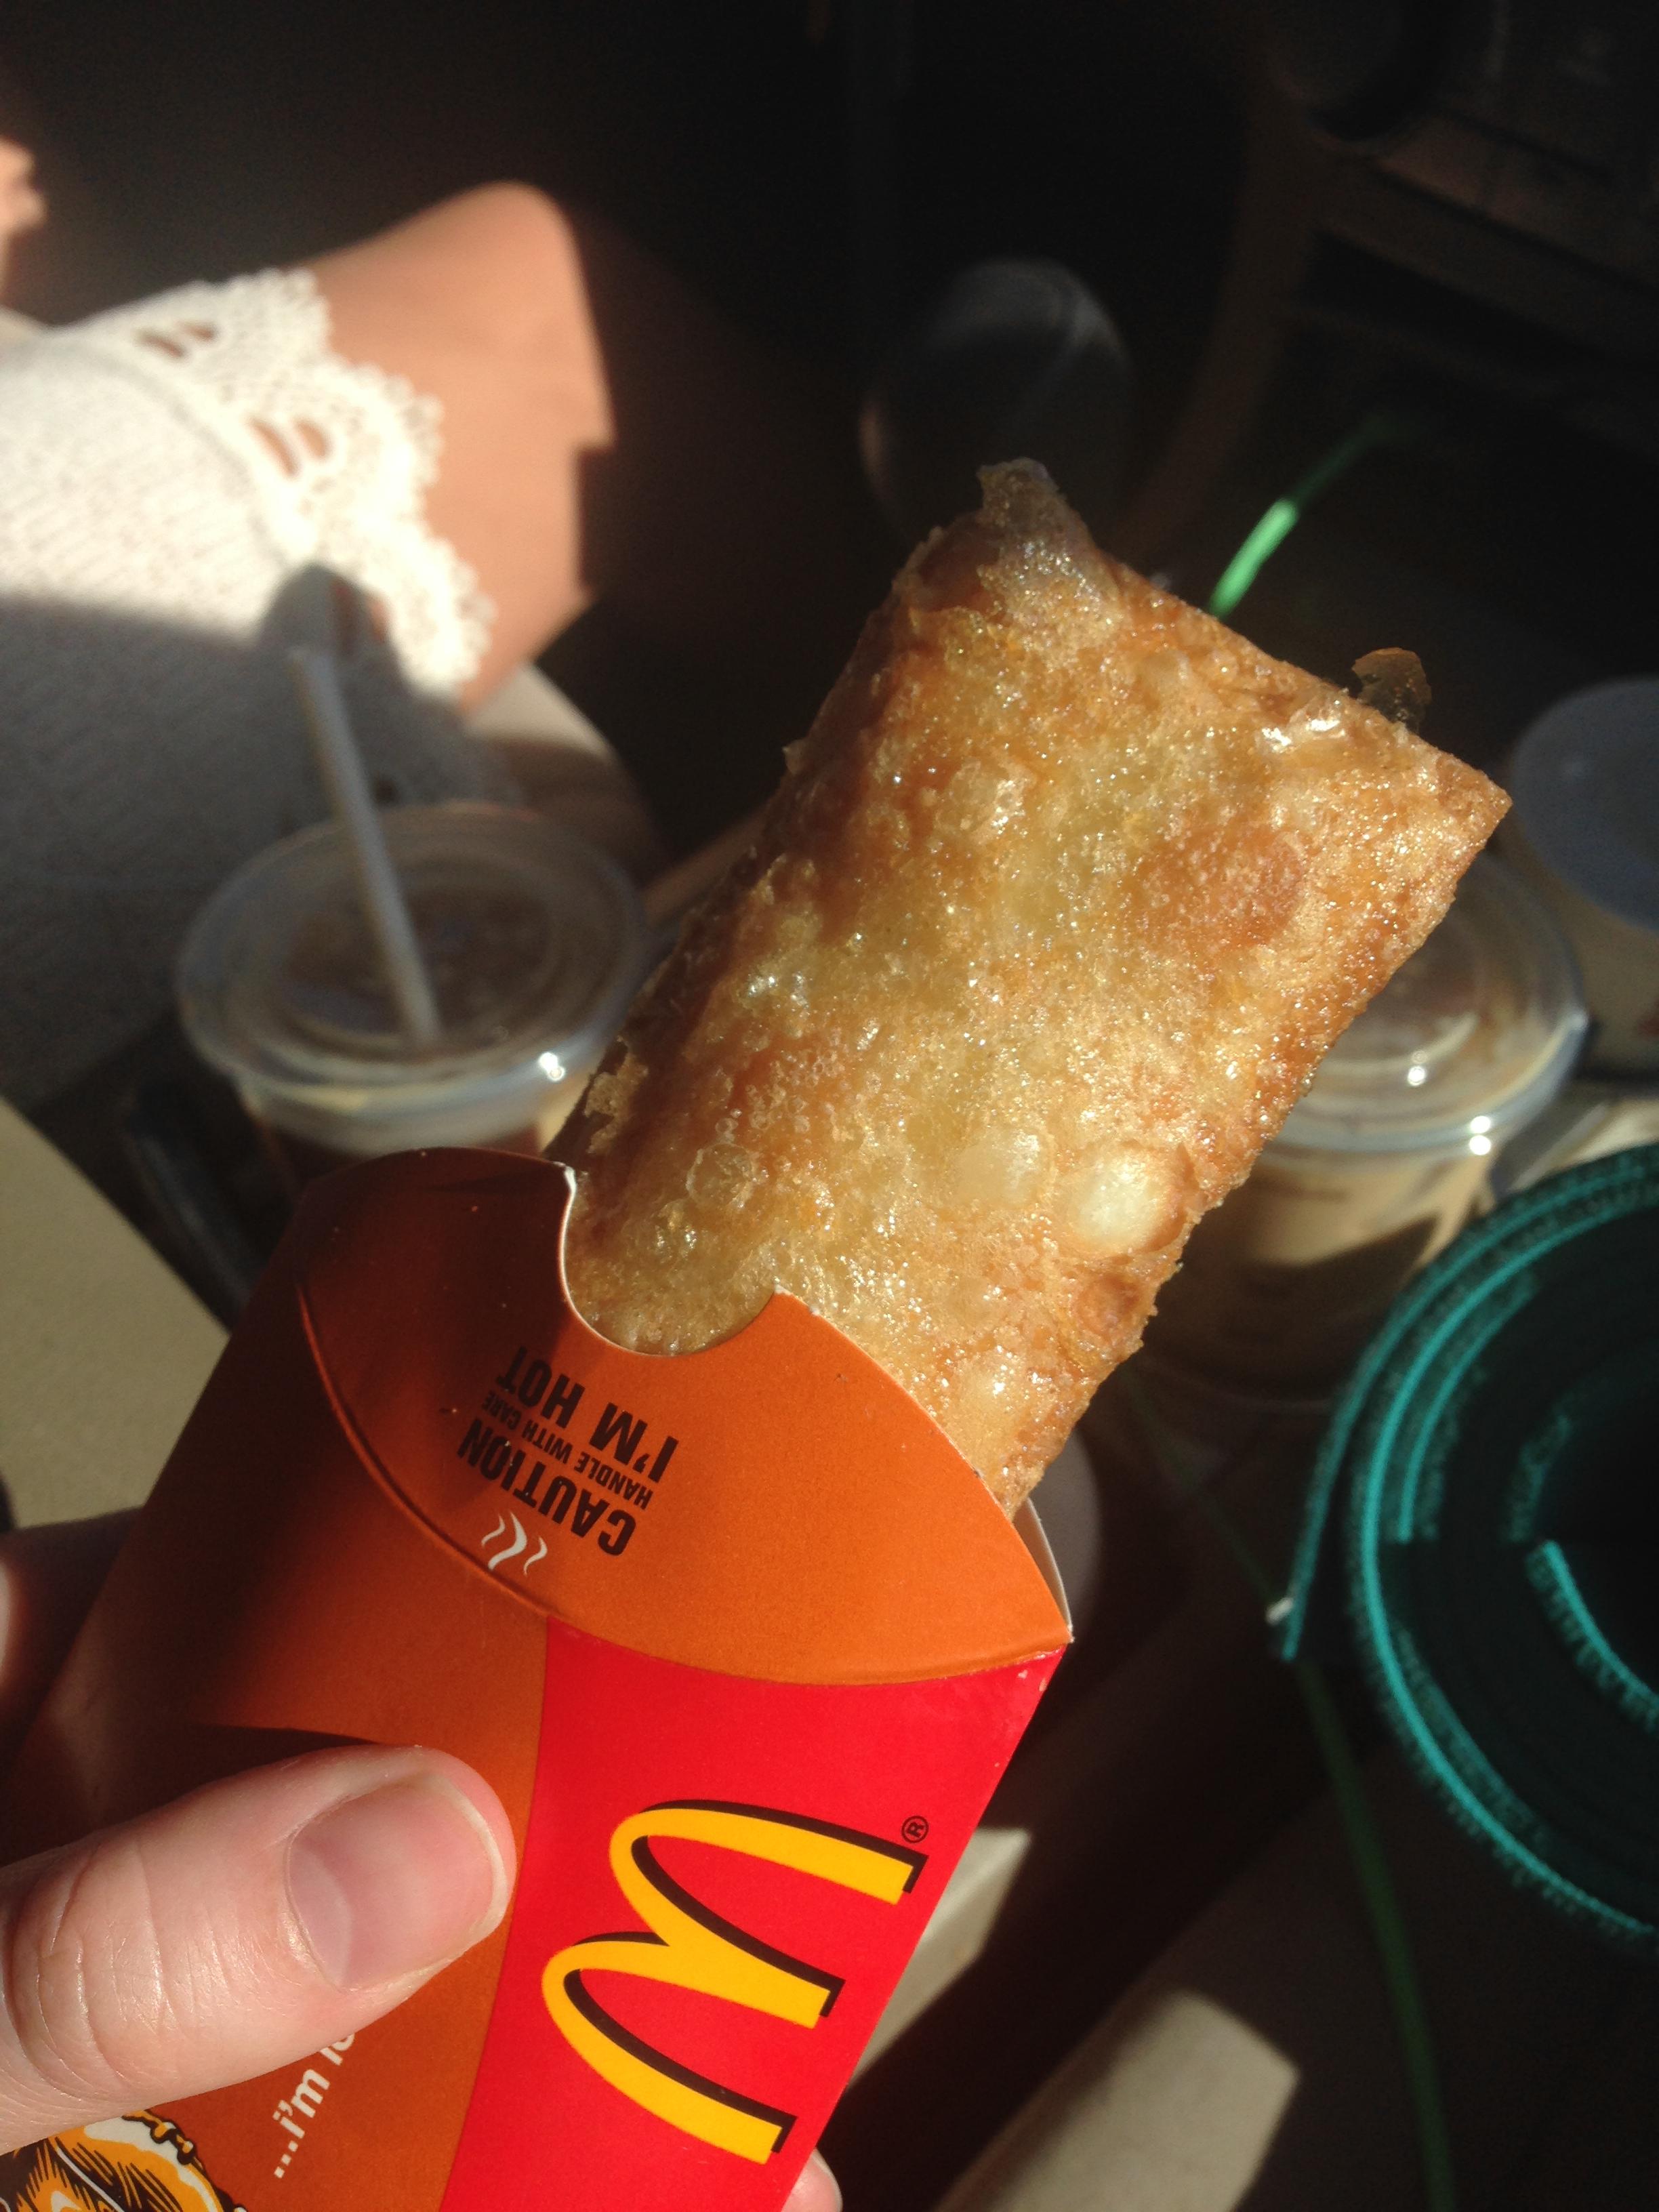 Mcdonalds Mcflurry Gluten Free Img